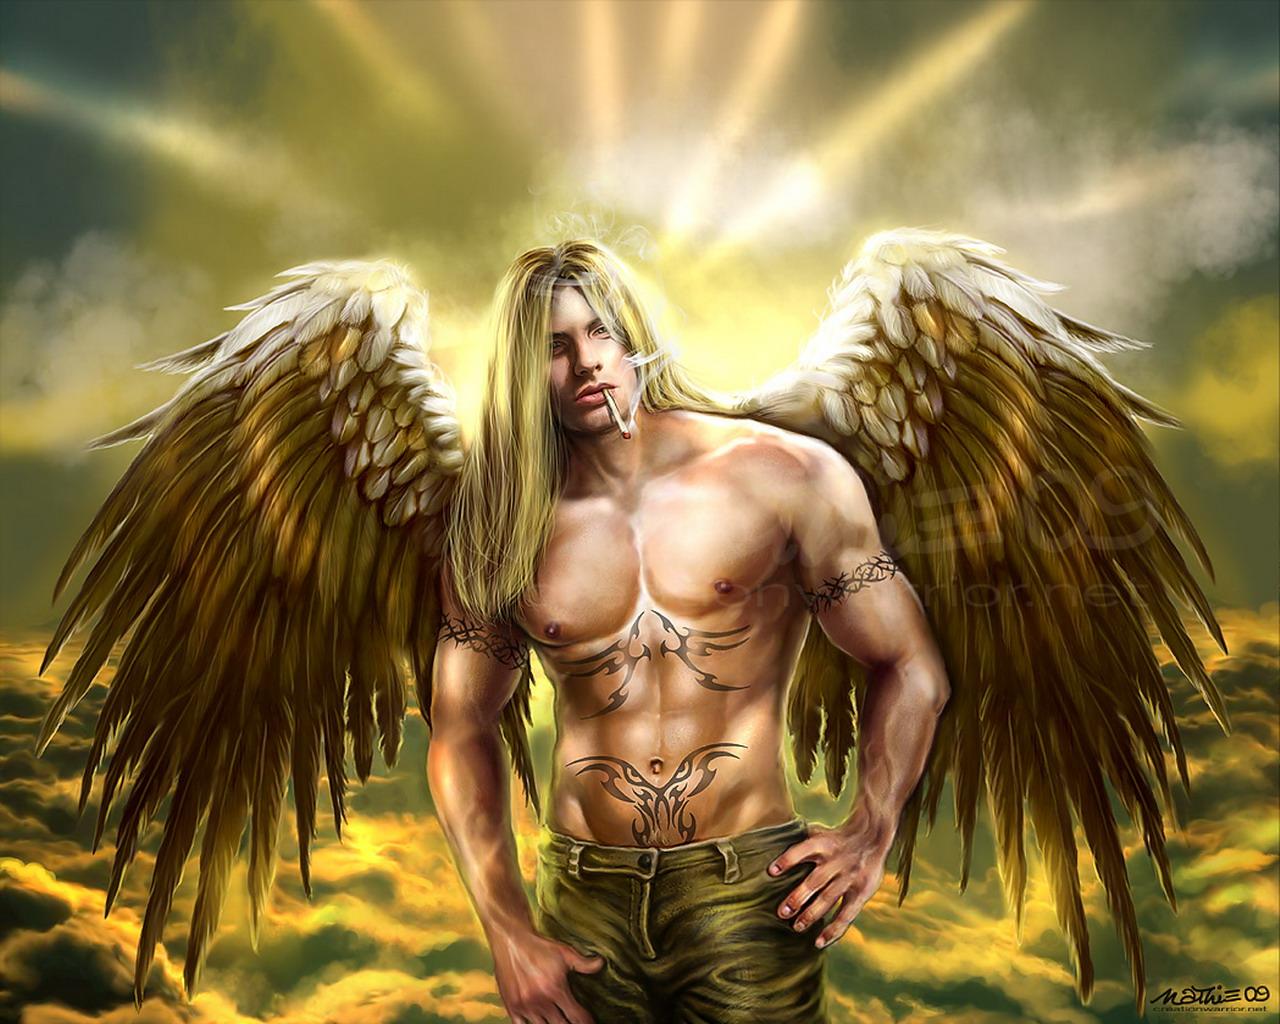 http://2.bp.blogspot.com/-yFlpPmNRJCw/Tosx04RwaYI/AAAAAAAABf0/ke3VkK_bqGk/s1600/Smoking+Blonde+Boy+Angel.jpg